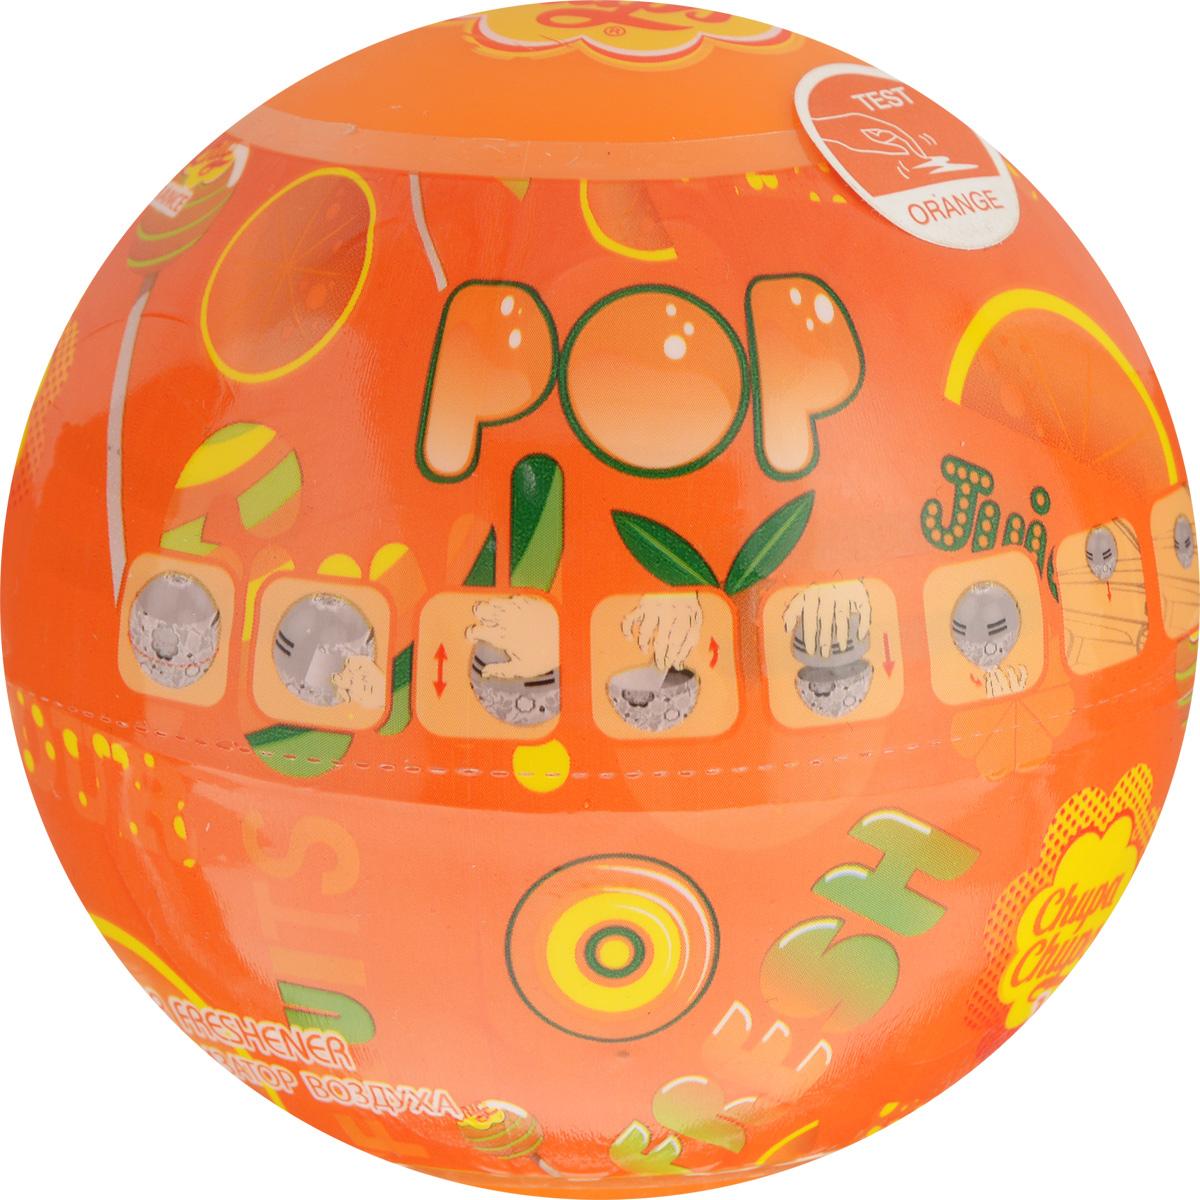 Ароматизатор воздуха Autoprofi Chupa Chups, с ароматом апельсина, на панель приборов, гелевый, 100 млCHP601Круглый гелевый ароматизатор воздуха на панель приборов выполнен в виде огромного леденца Chupa Chups. Предназначен для автомобиля, дома или офиса. Такой ароматизатор подарит яркие эмоции своим сочным ароматом и оригинальным дизайном. Срок службы 45 дней.Состав: дипропиленгликоль - 10%, линалоо - 10%, цитронеллол - 1%, цитрал - 1%, гераниол - 5%, гарденол - 15%, дистиллированная вода - 80,5%, полиэтиленгликоль - 15/ПЭГ-40 гидрогенизированное касторовое масло/пропиленгликоль - 5%, этиловый спирт - 5%. Товар сертифицирован.